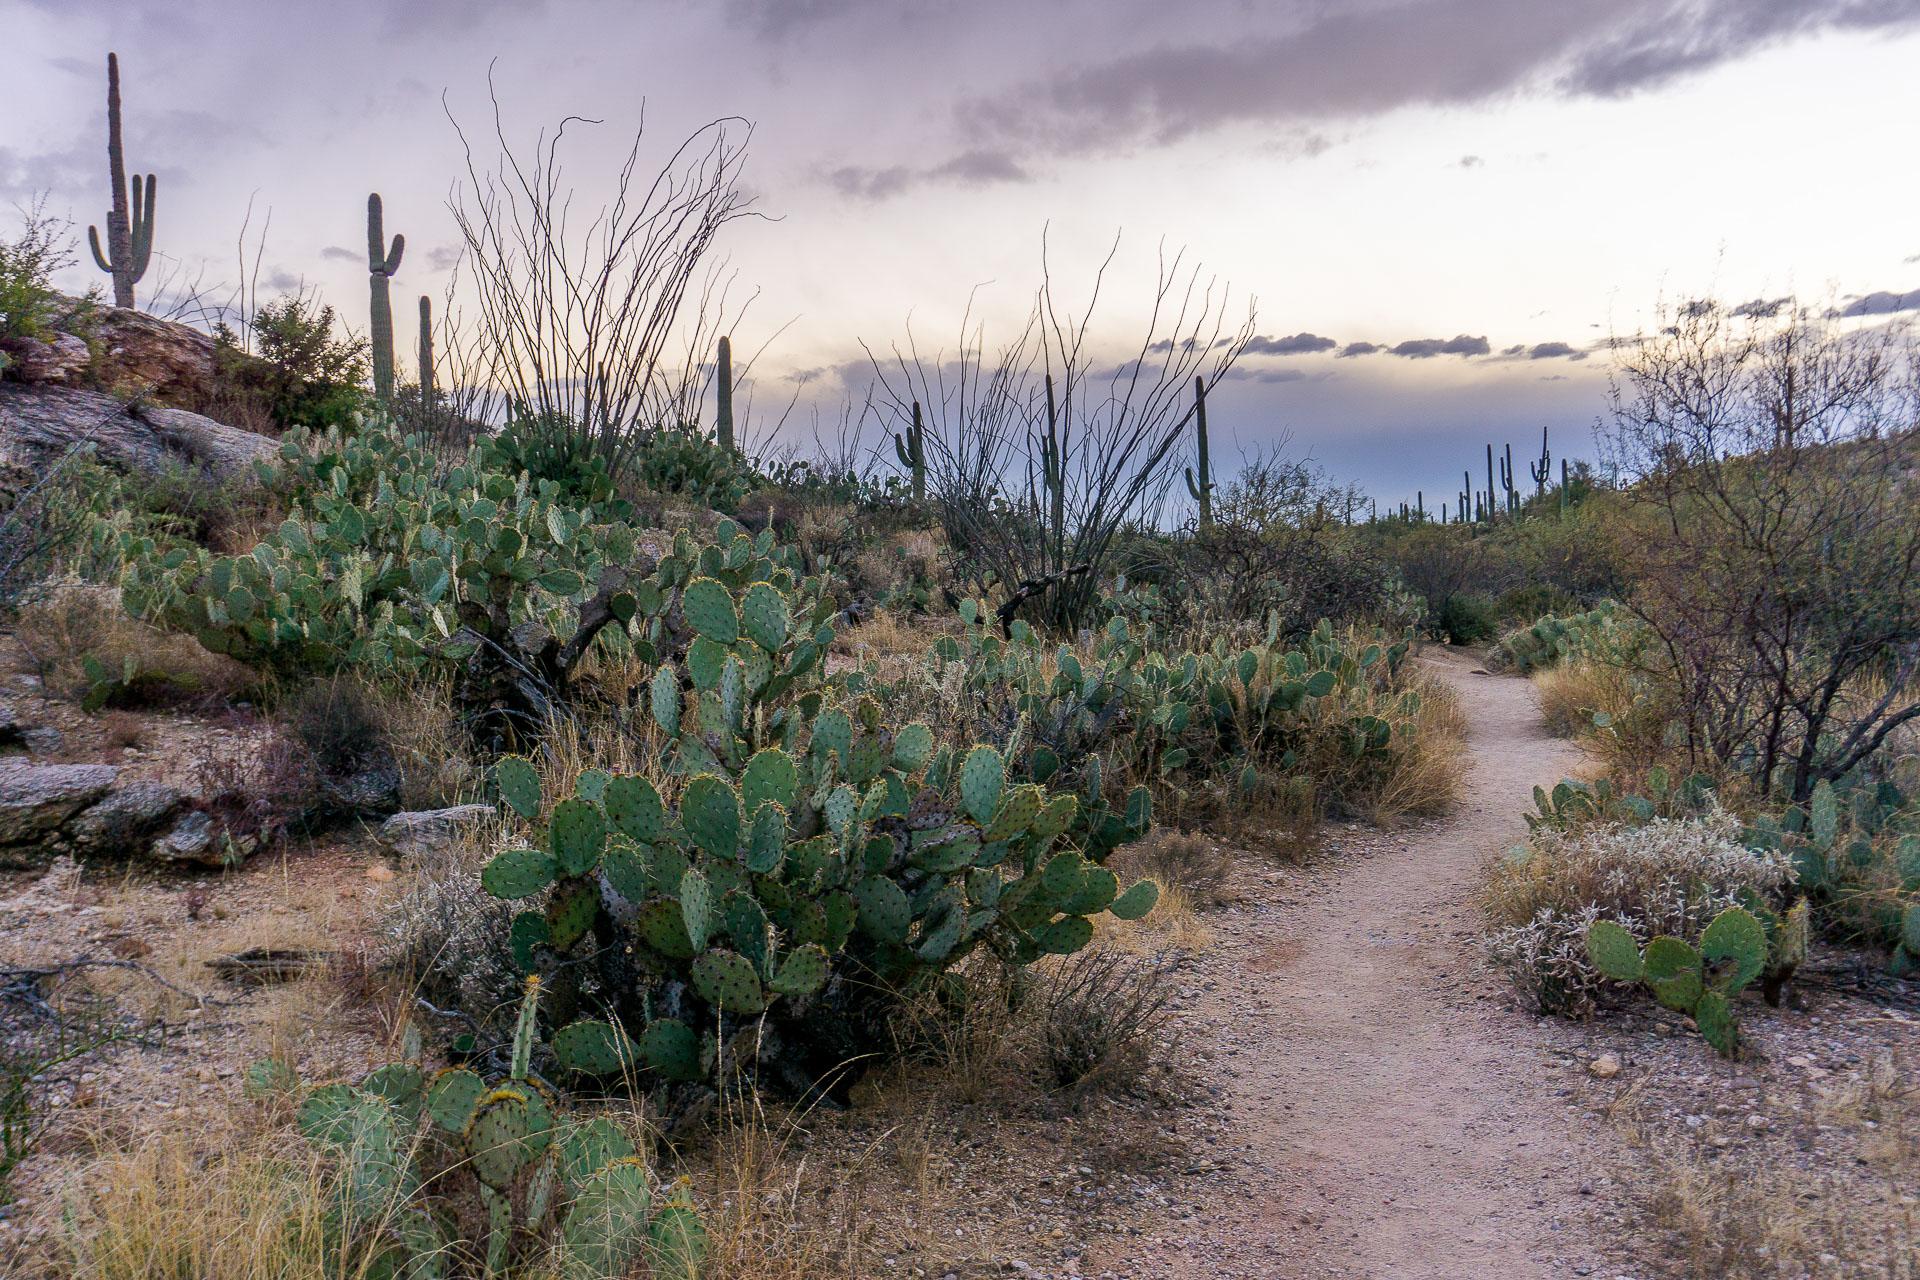 Dimanche 26 février: Coucher de soleils sur le Saguaro National Park, AZ